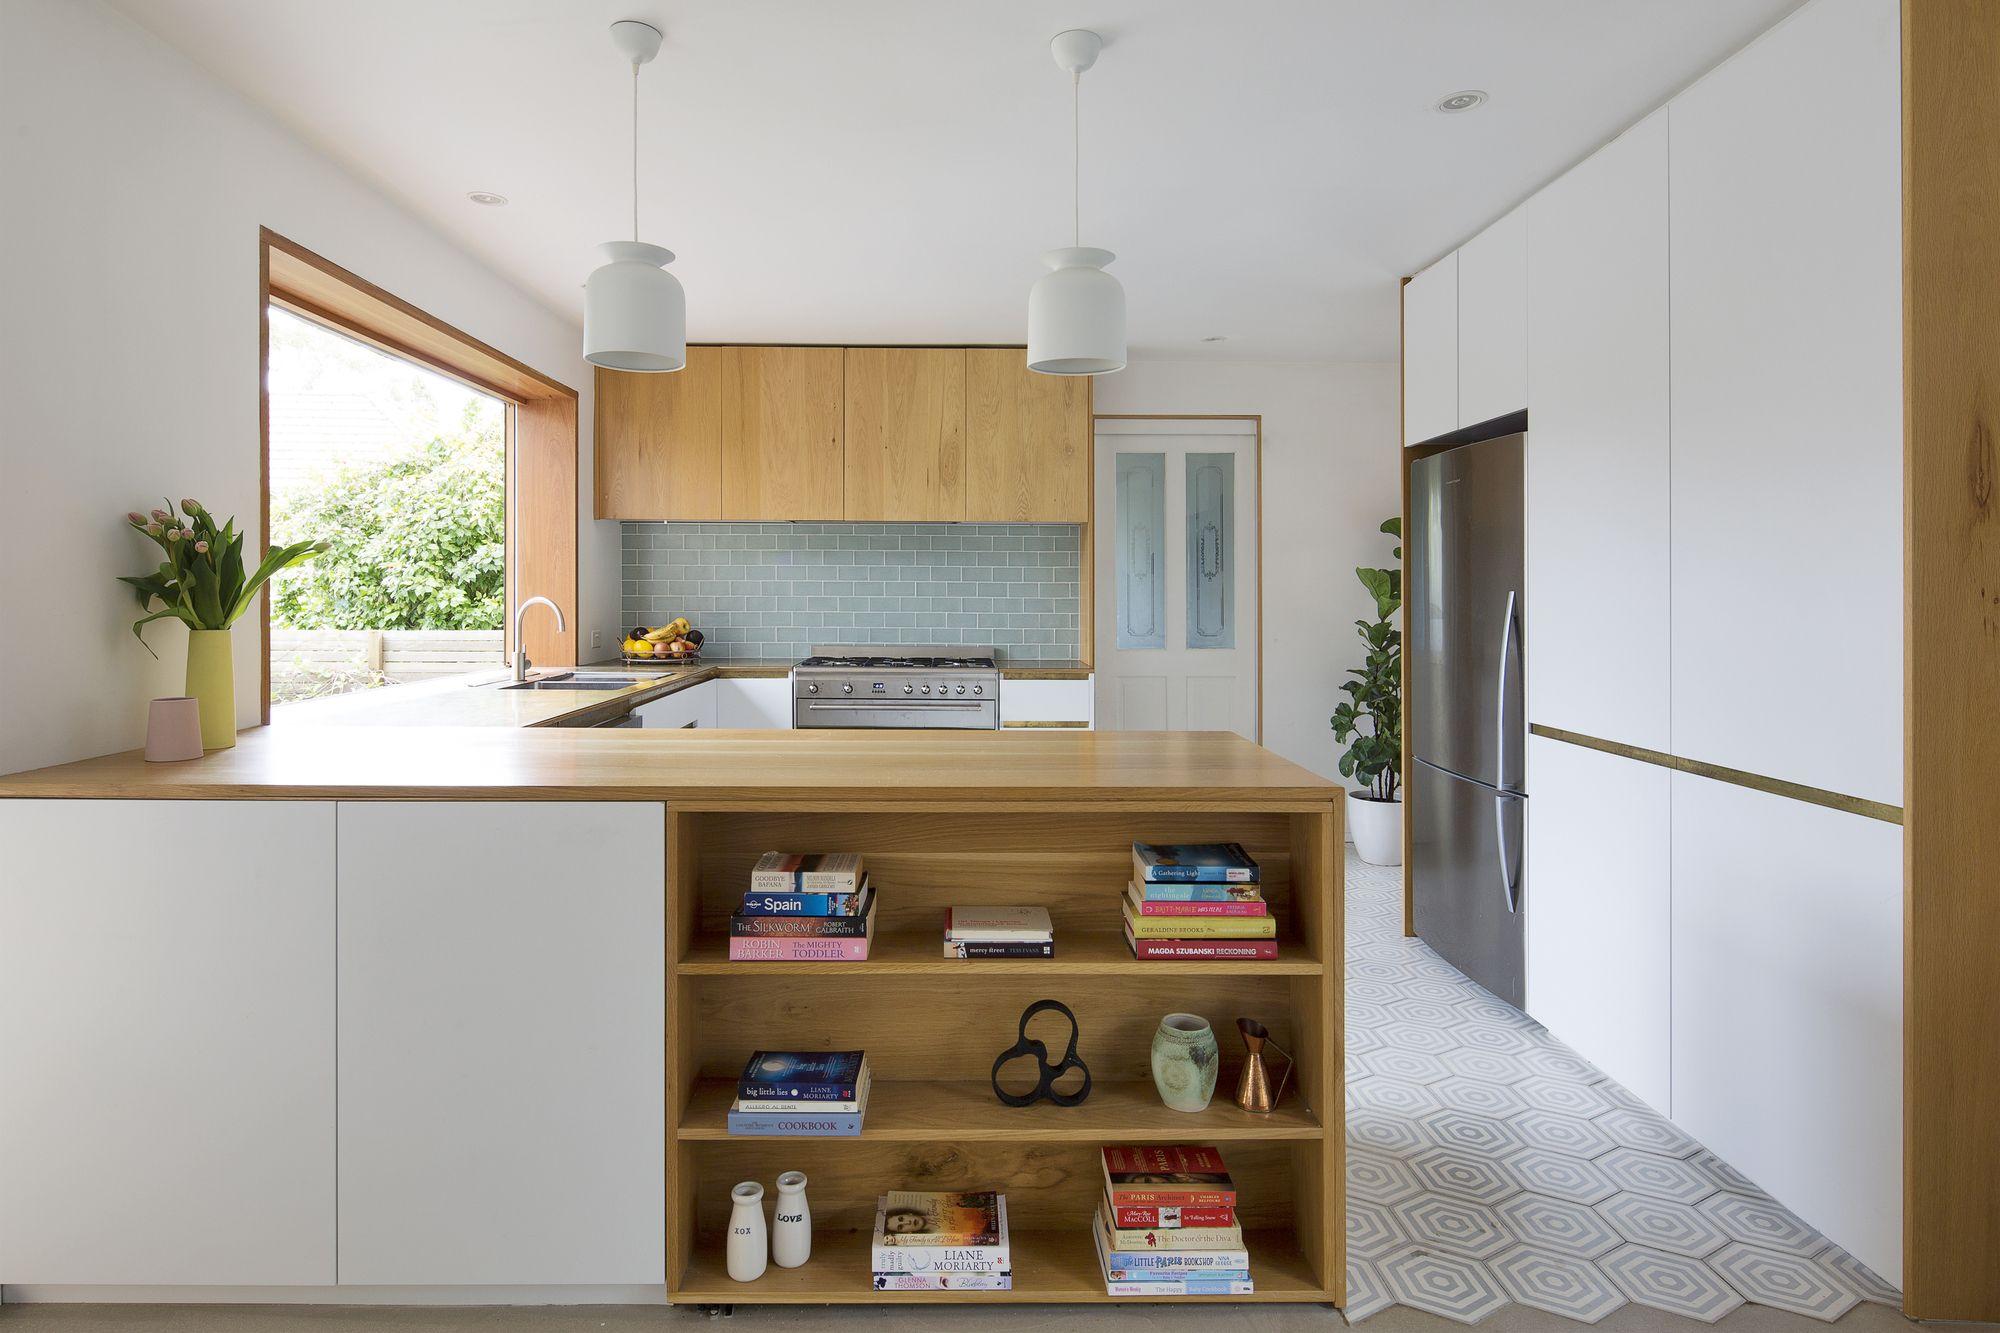 Cozinha Projetada Fotos Cozinha Projetada Bancada Em Granito